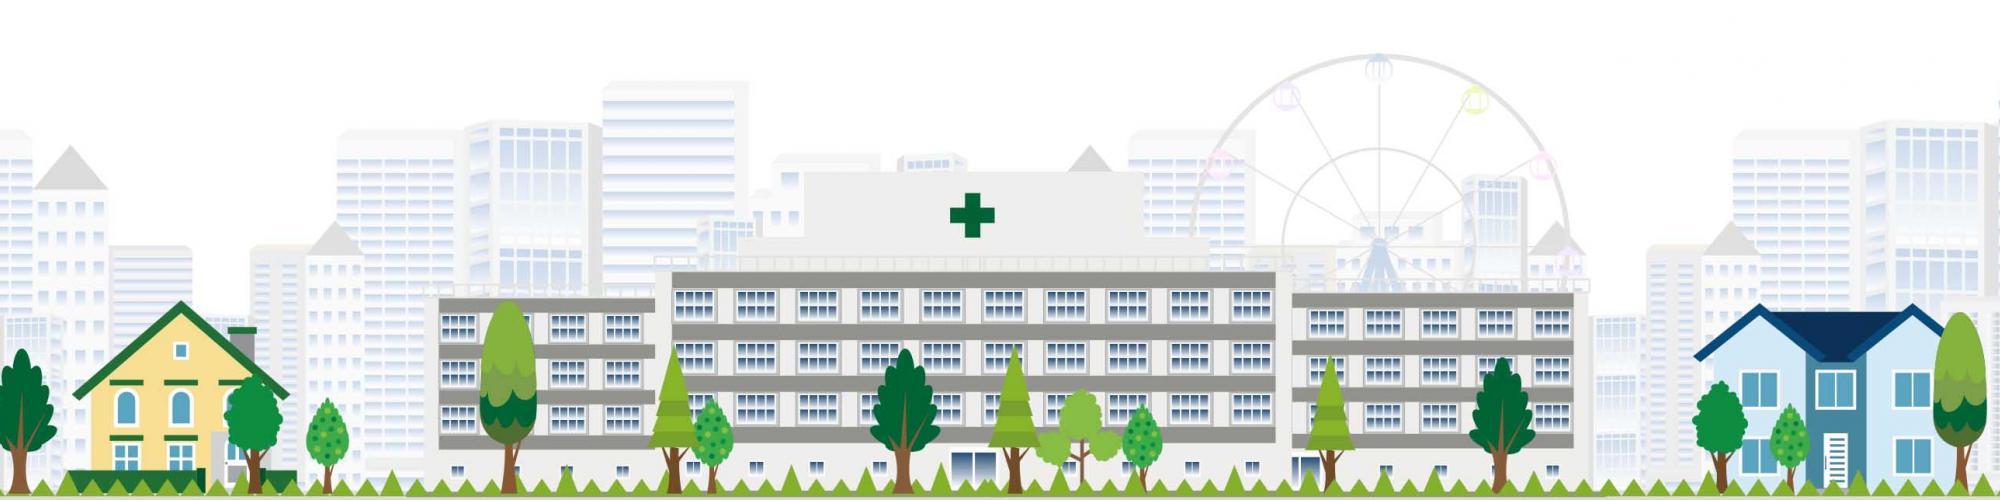 Helios Albert-Schweitzer-Klinik Northeim